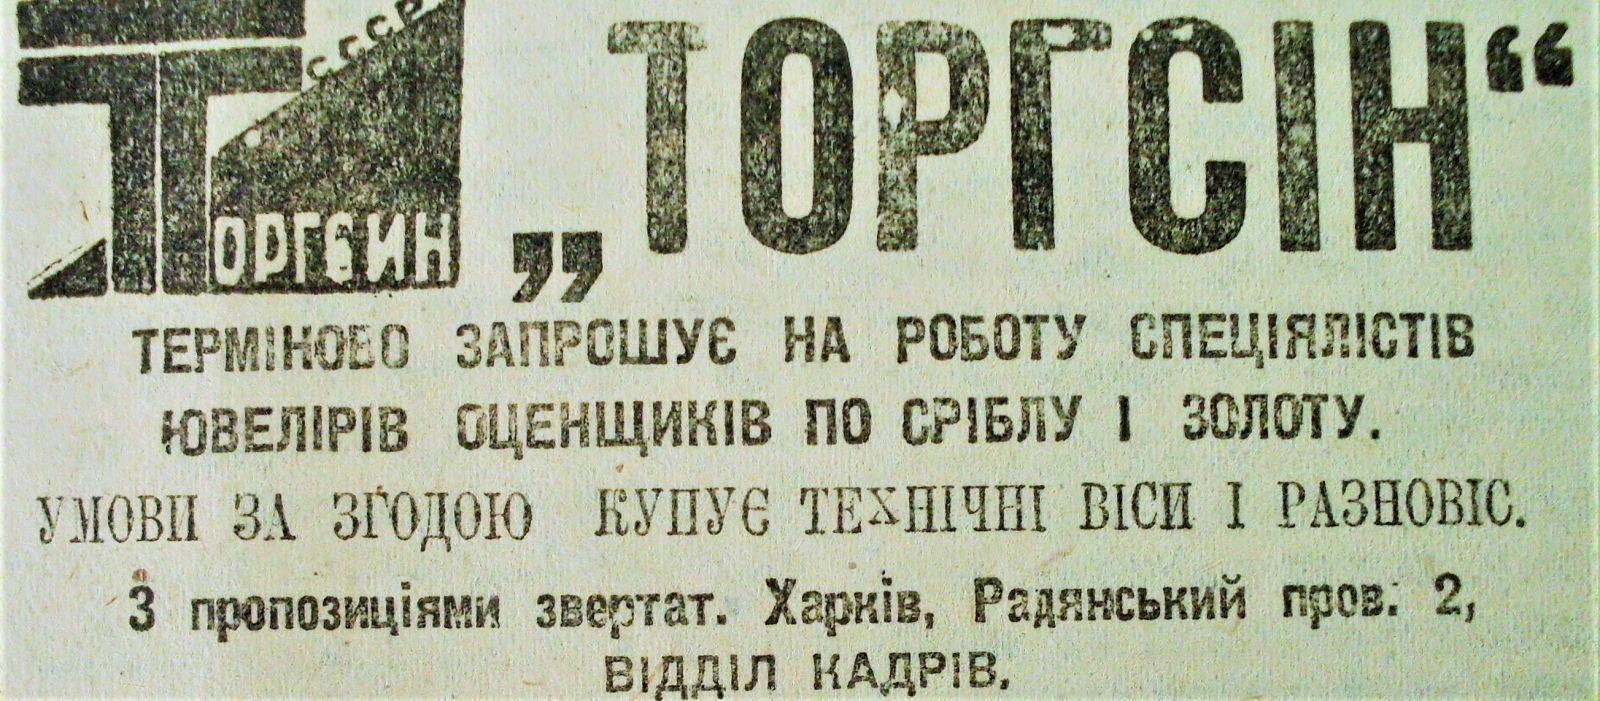 Харків-1932: зголоднілий народ так жваво здає сімейні цінності, що не вистачає приймальників